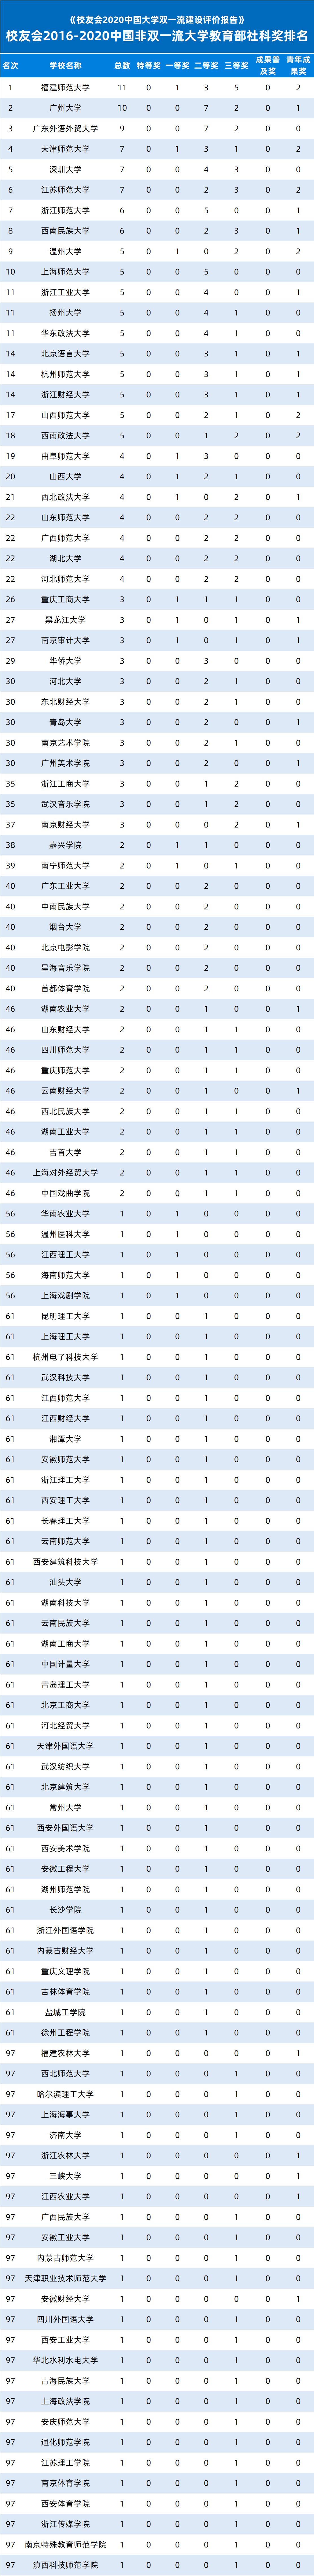 校友会2016-2020中国非双一流大学教育部社科奖排名